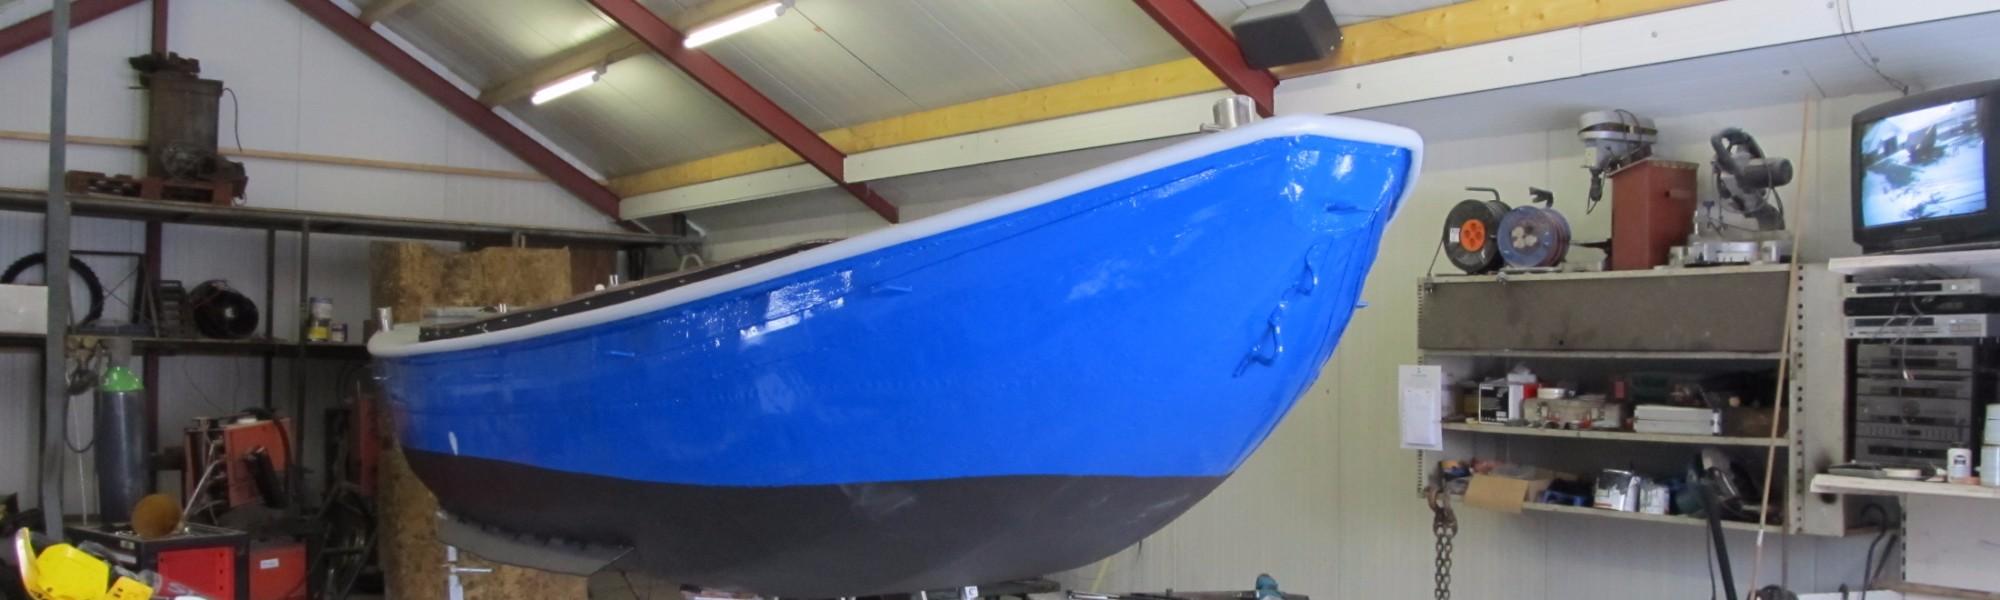 Klusloods voor bootreparaties en onderhoud